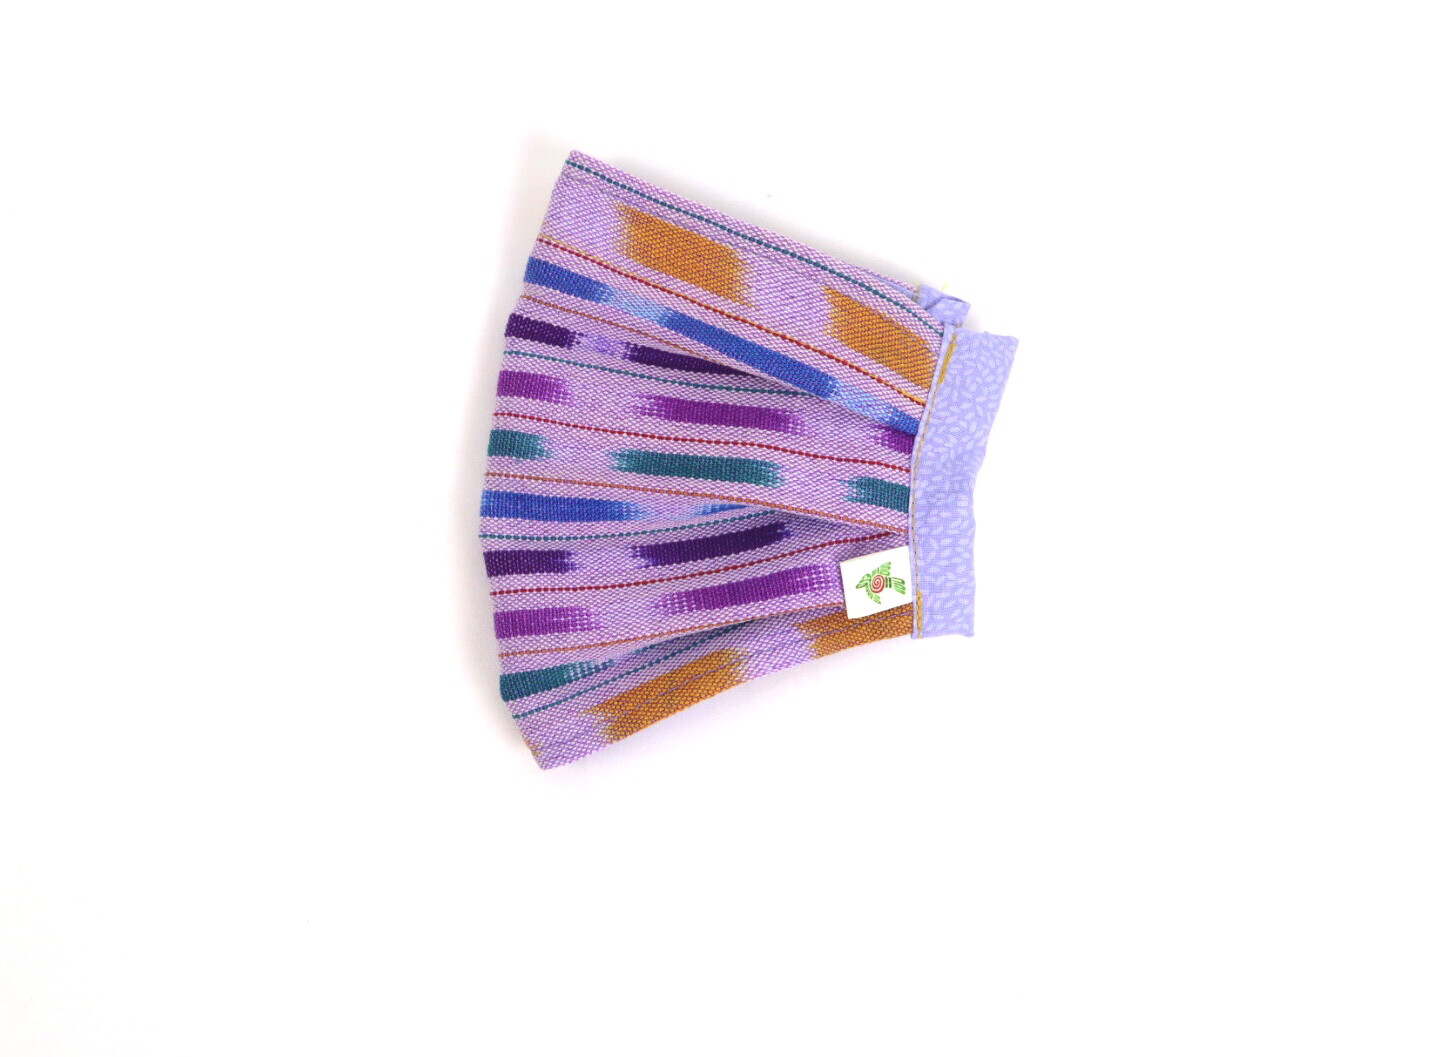 Reusable Face Covers - Textile No. 4  (MEDIUM)